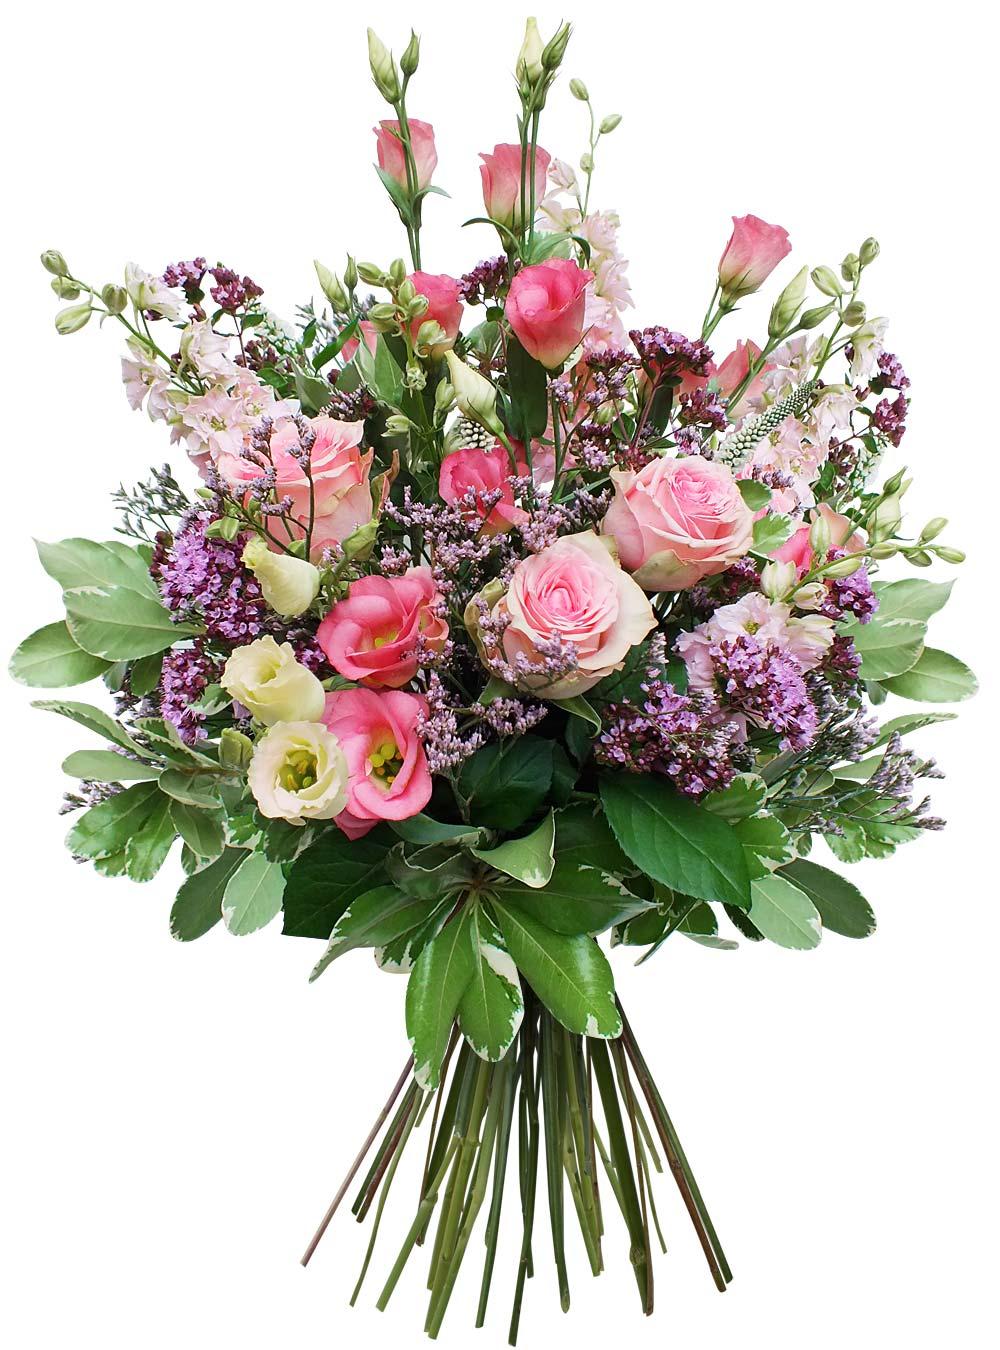 Les fleurs du fleuriste bouquet v rano for Livraison bouquet de fleurs kenitra